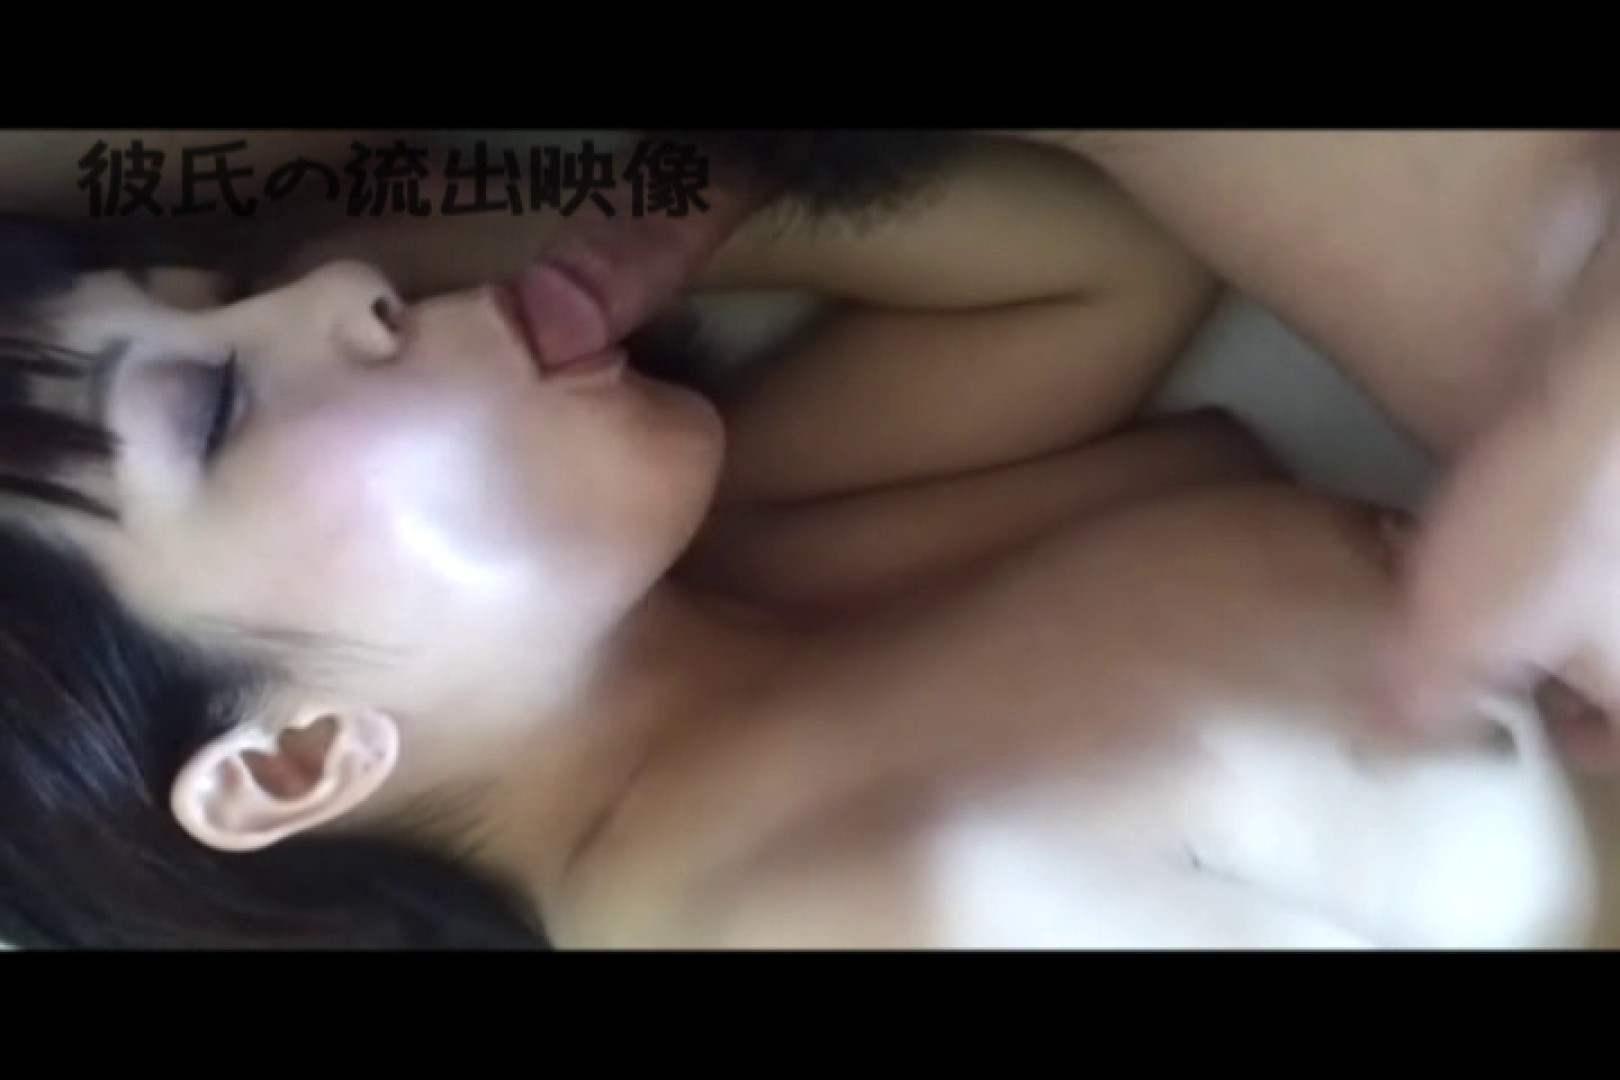 彼氏が流出 パイパン素人嬢のハメ撮り映像03 素人丸裸  85pic 57